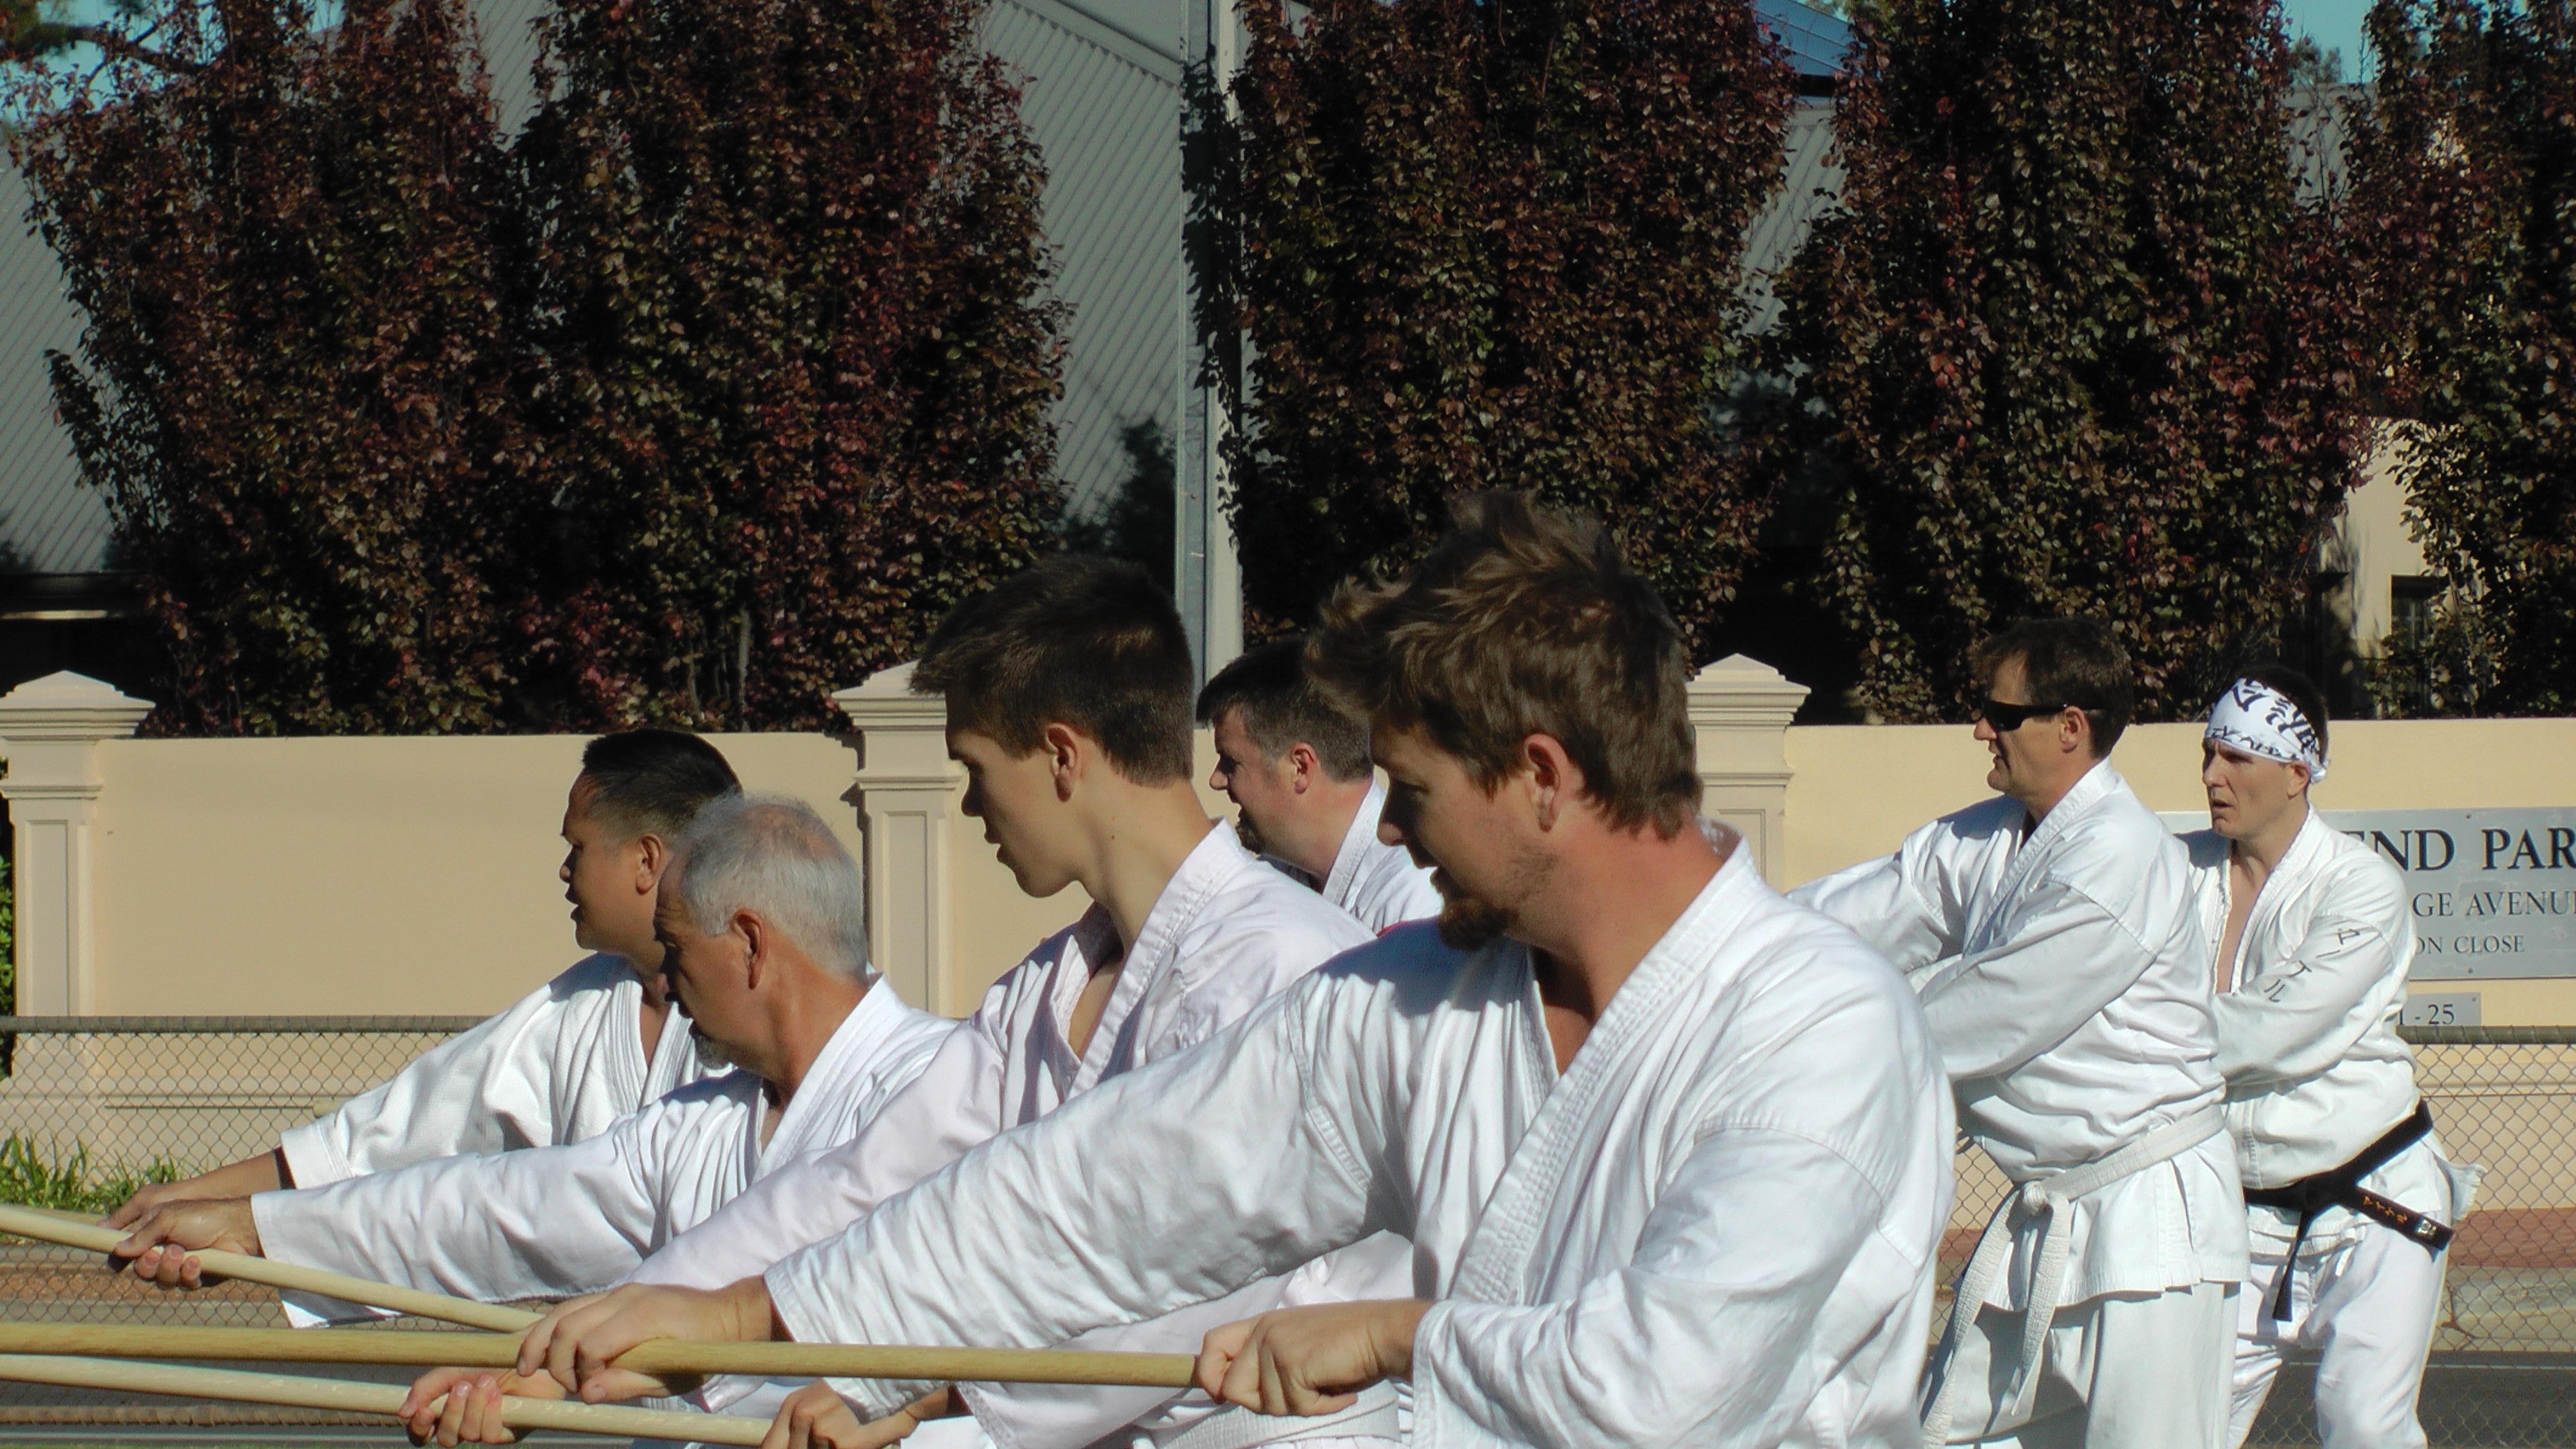 Iwama Aikido Adelaide